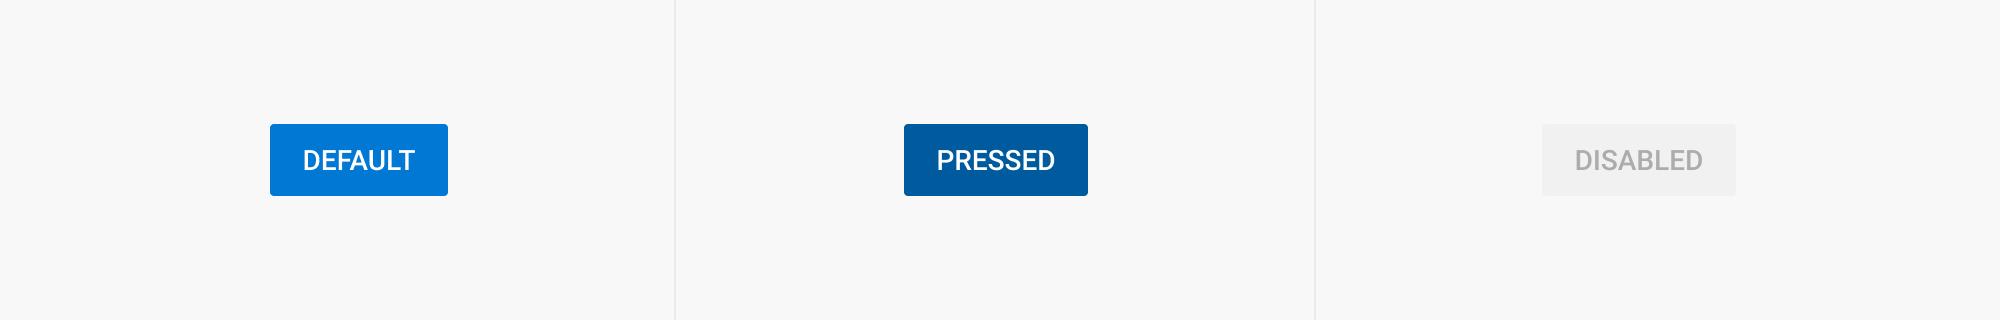 Fluent UI Button